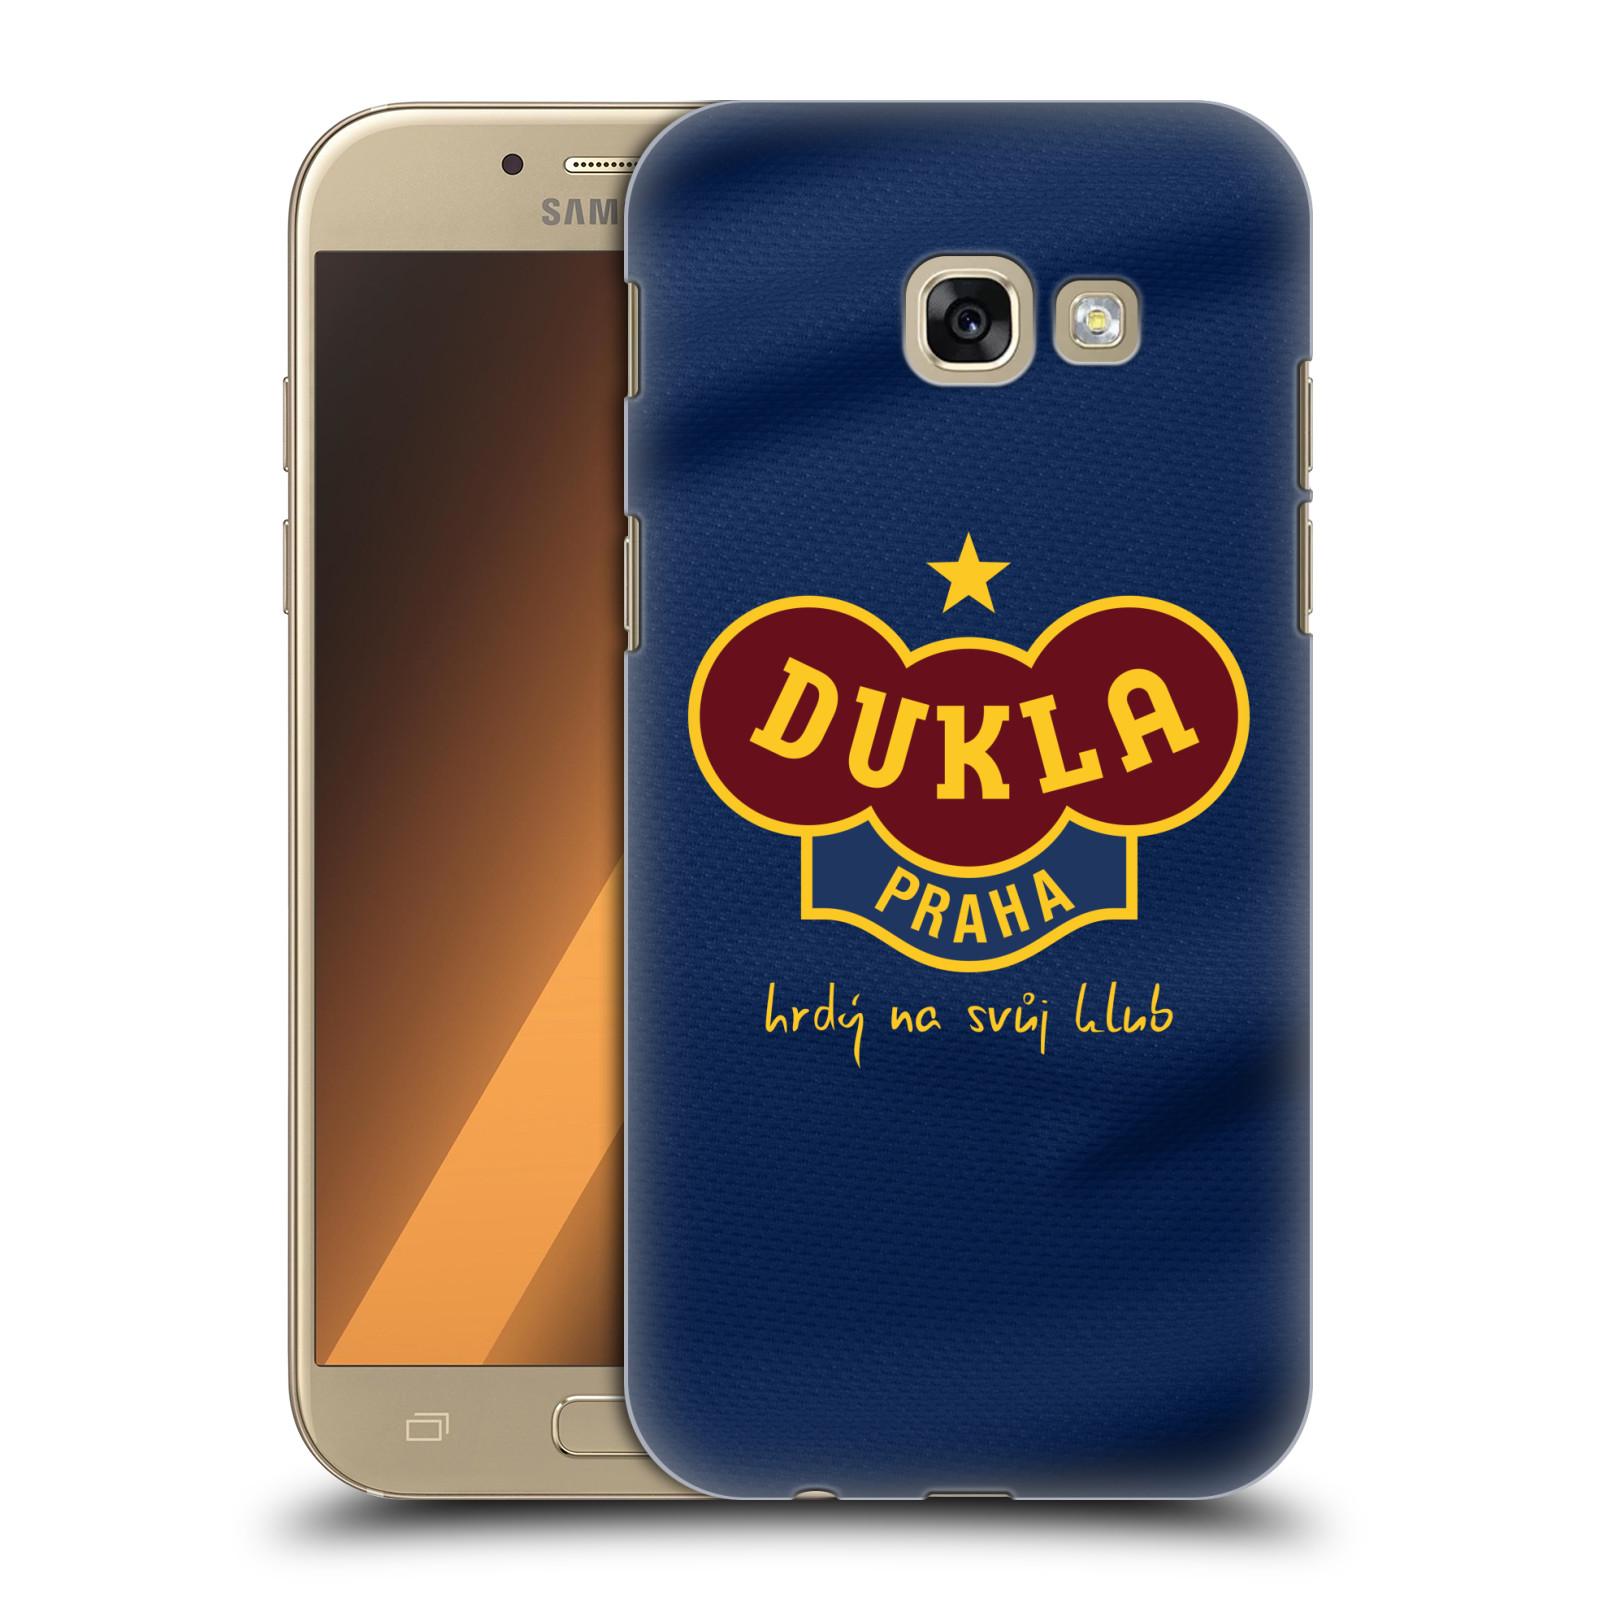 Plastové pouzdro na mobil Samsung Galaxy A5 (2017) - FK Dukla Praha - Modrý dres